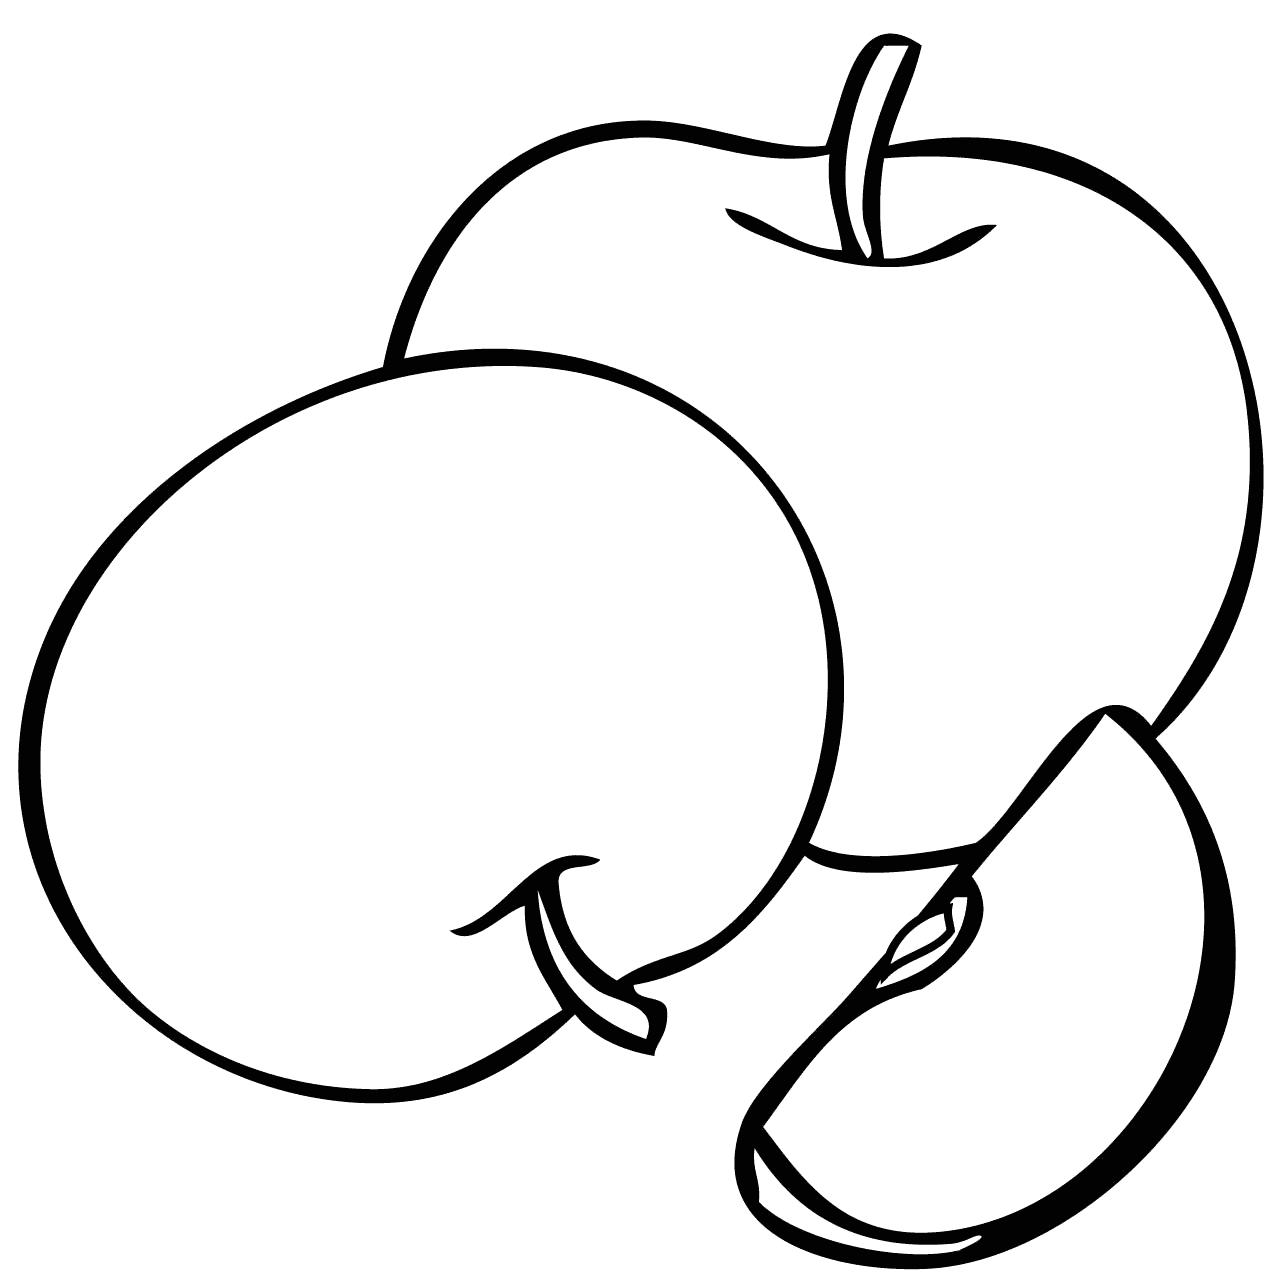 Tranh tô màu trái táo